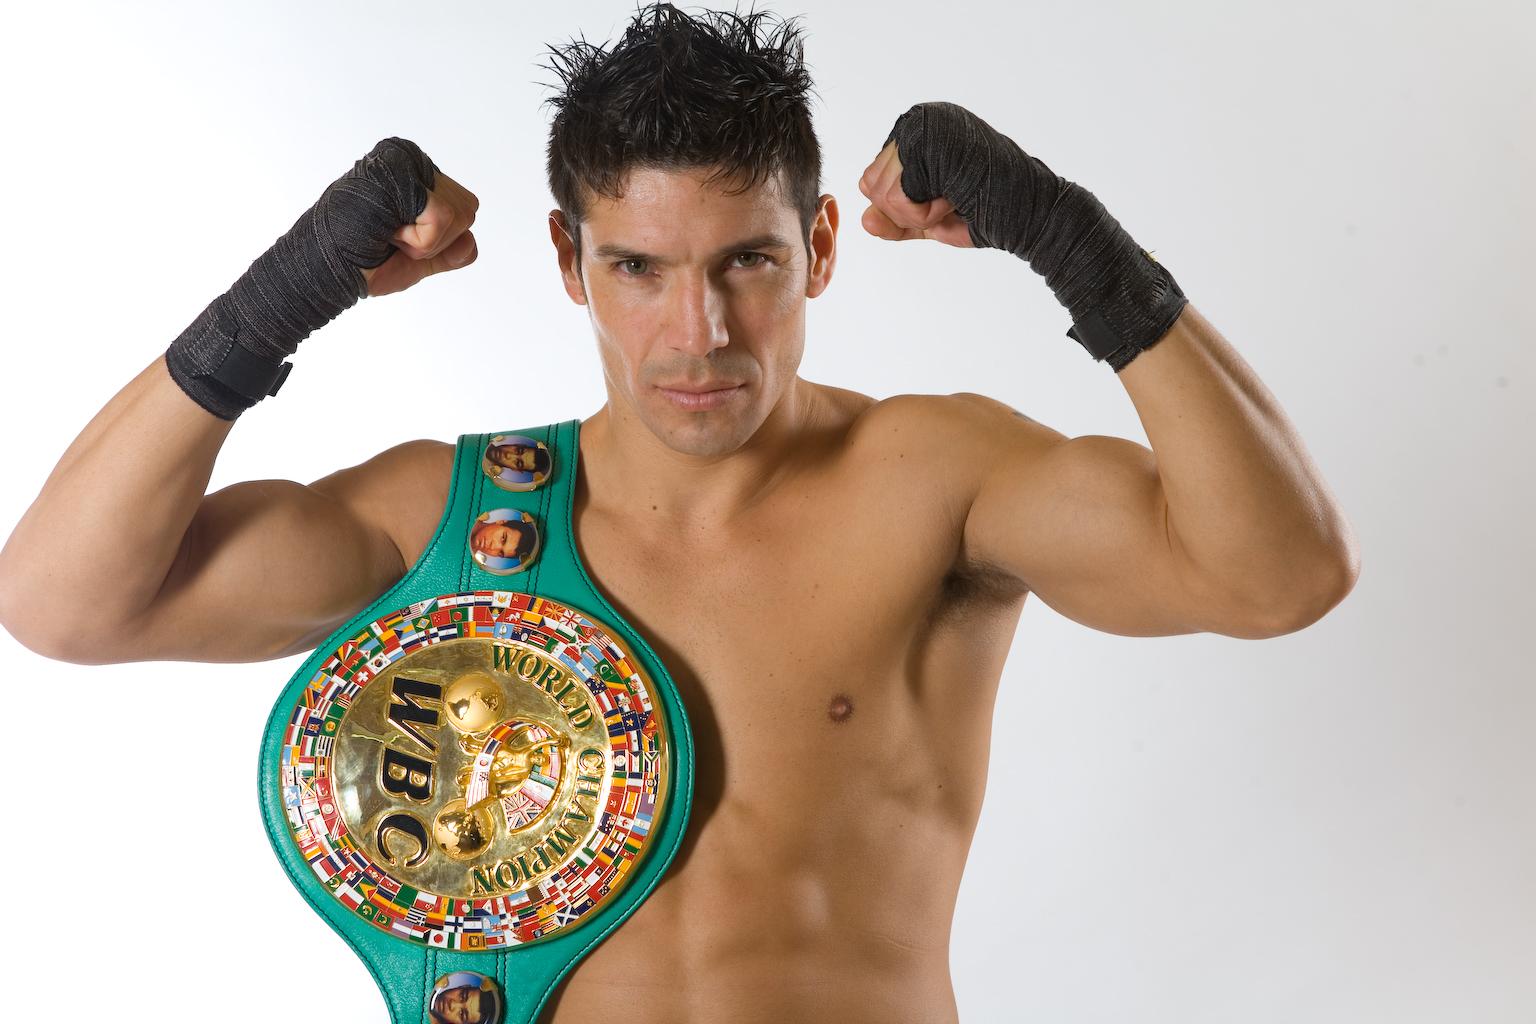 En la argentina el boxeo tiene mas representantes y crece for Chimentos de famosos argentinos